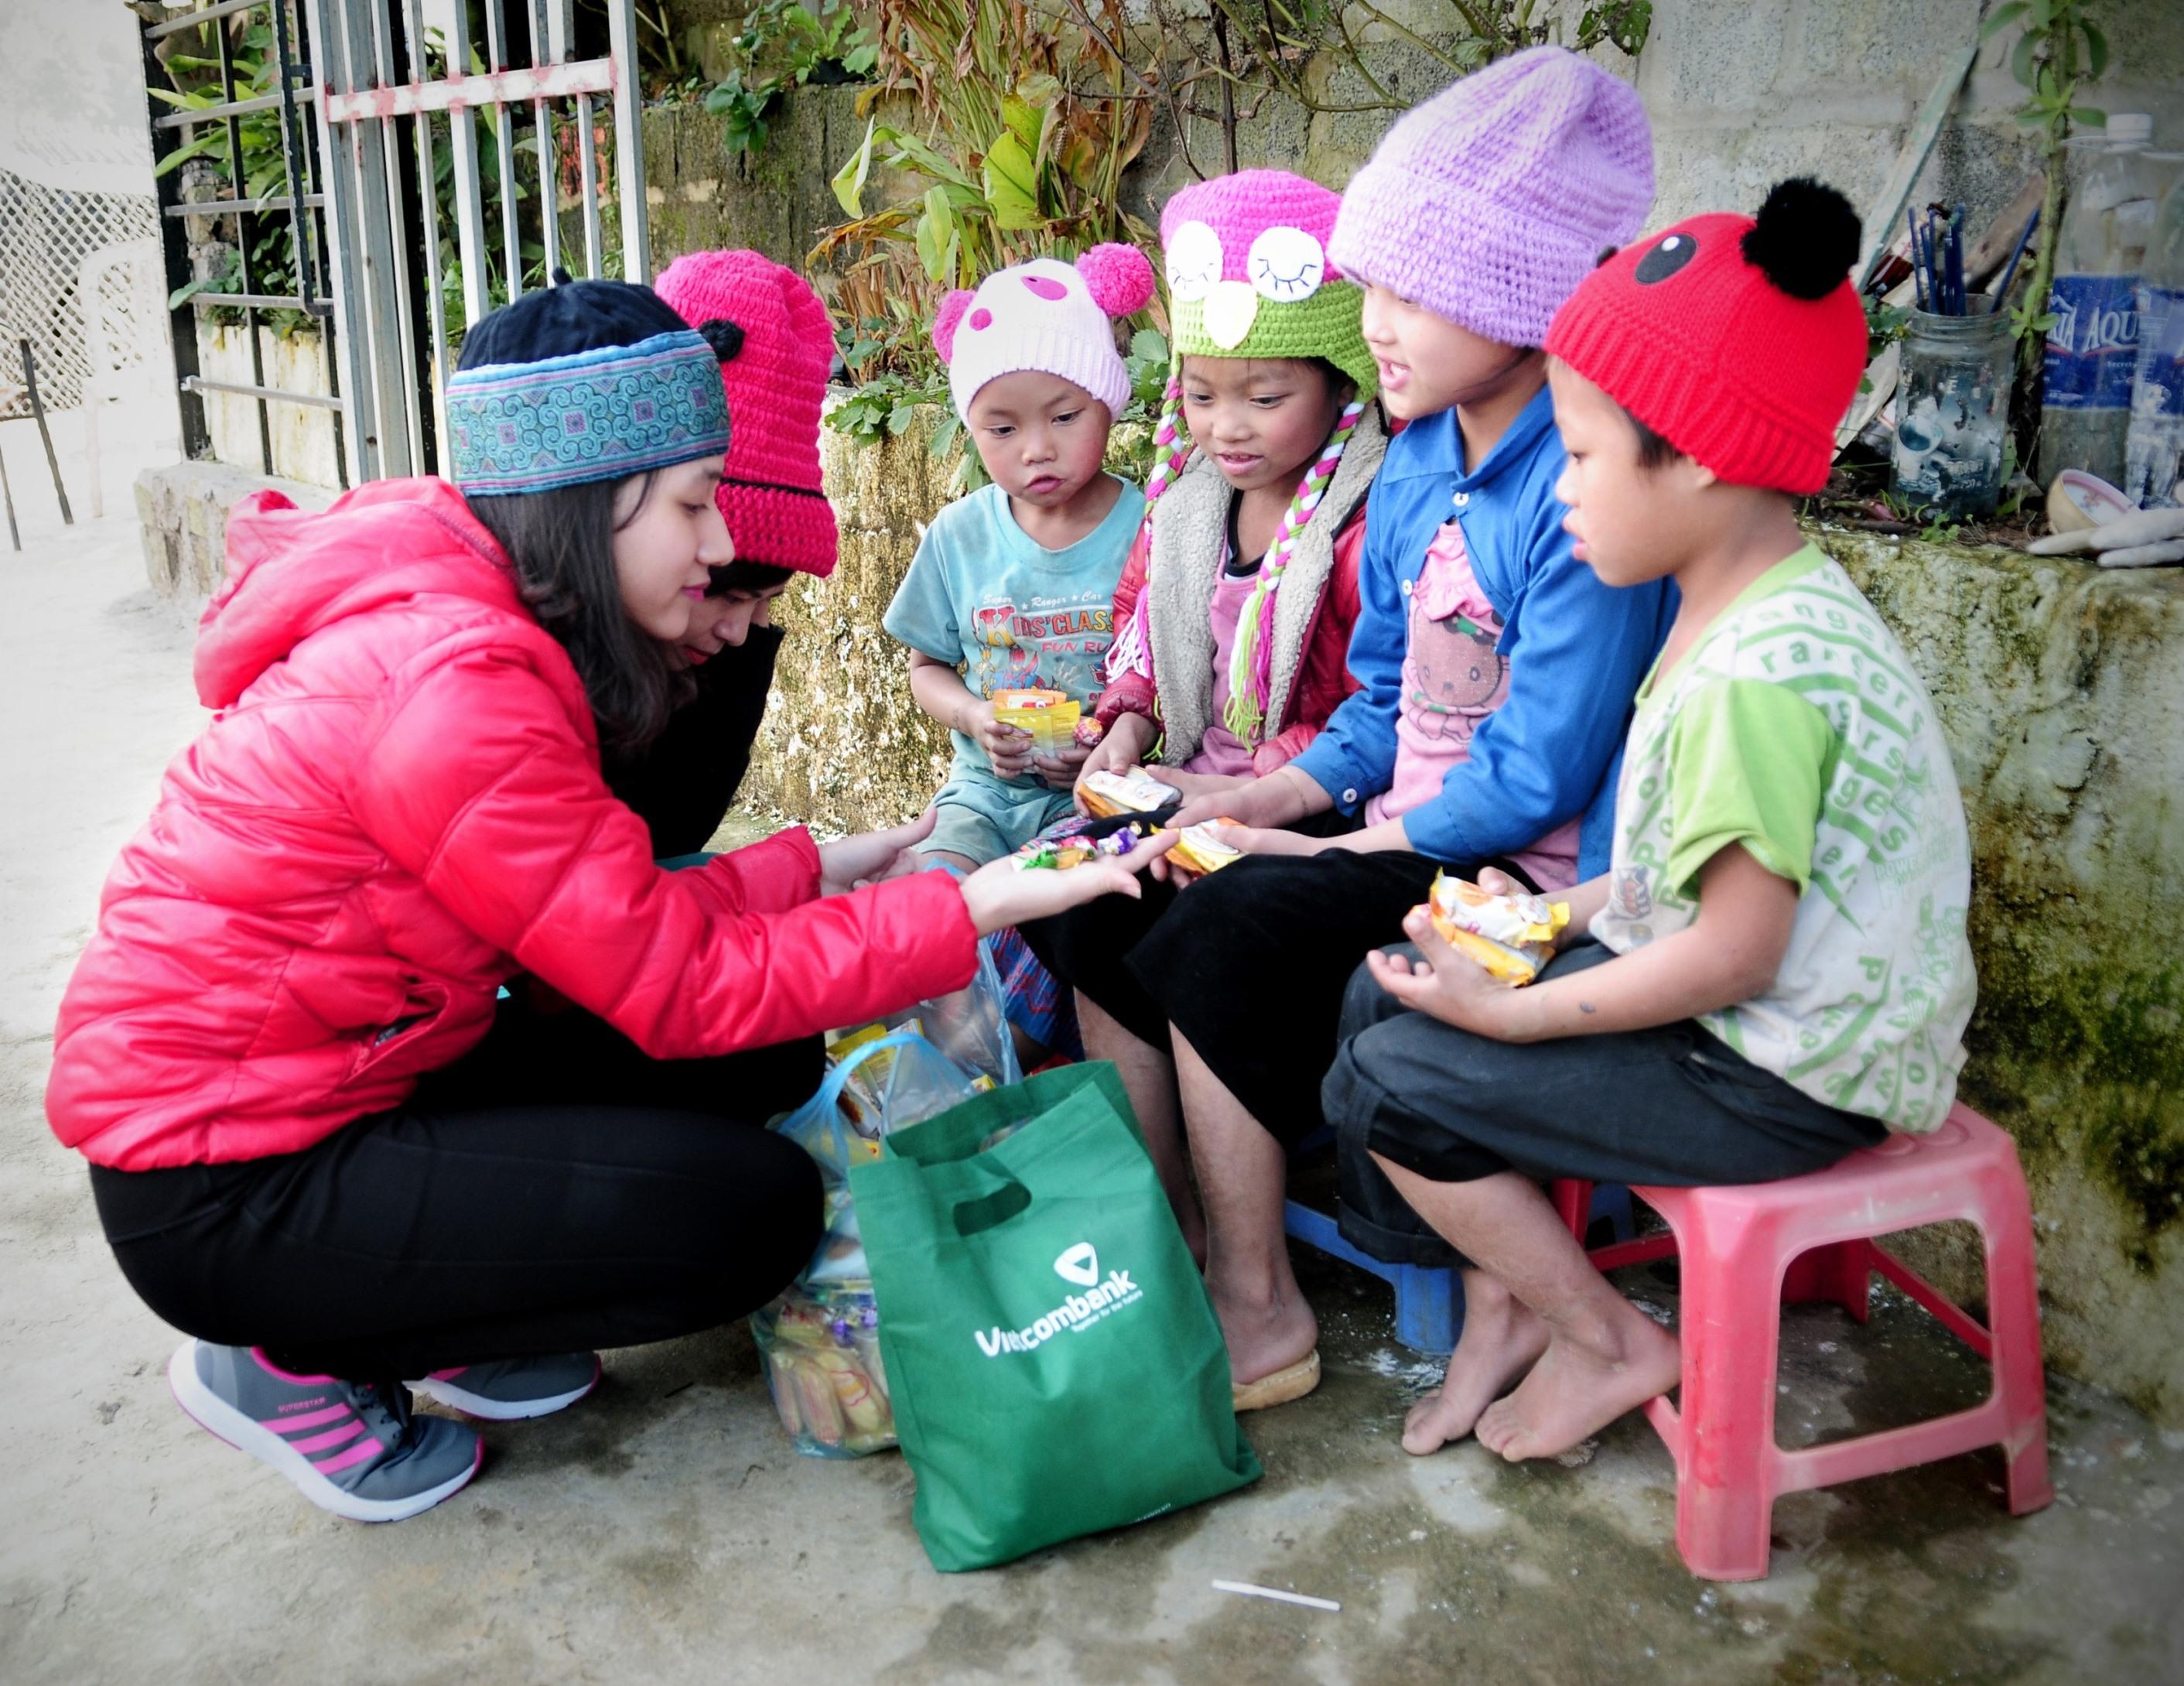 Vietcombank quyên góp gần 9 tỷ đồng, mang Tết ấm đến với người nghèo